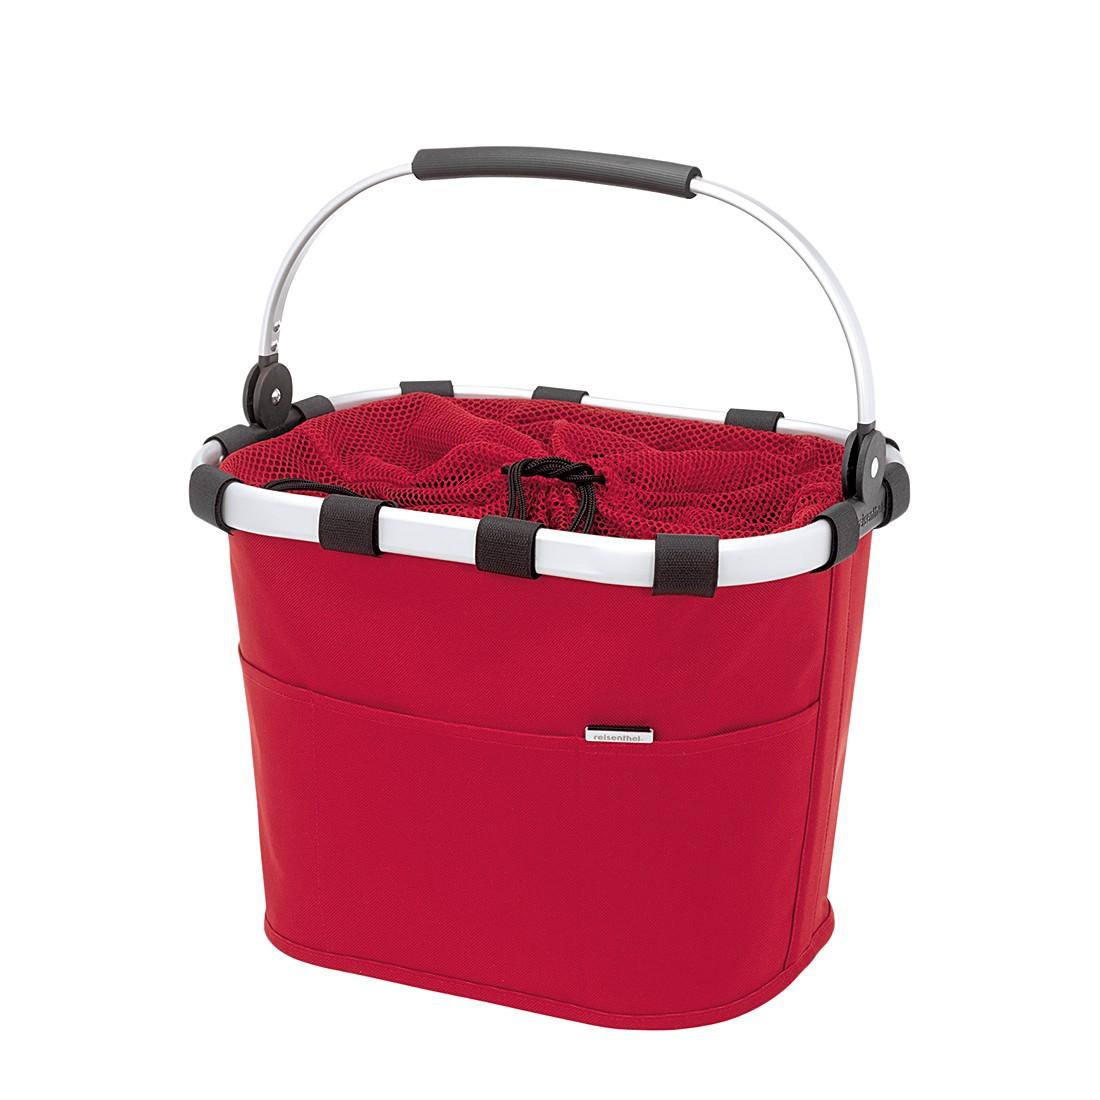 Bikebasket Plus rot – strapazierfähig rot, Reisenthel Accessoires jetzt kaufen